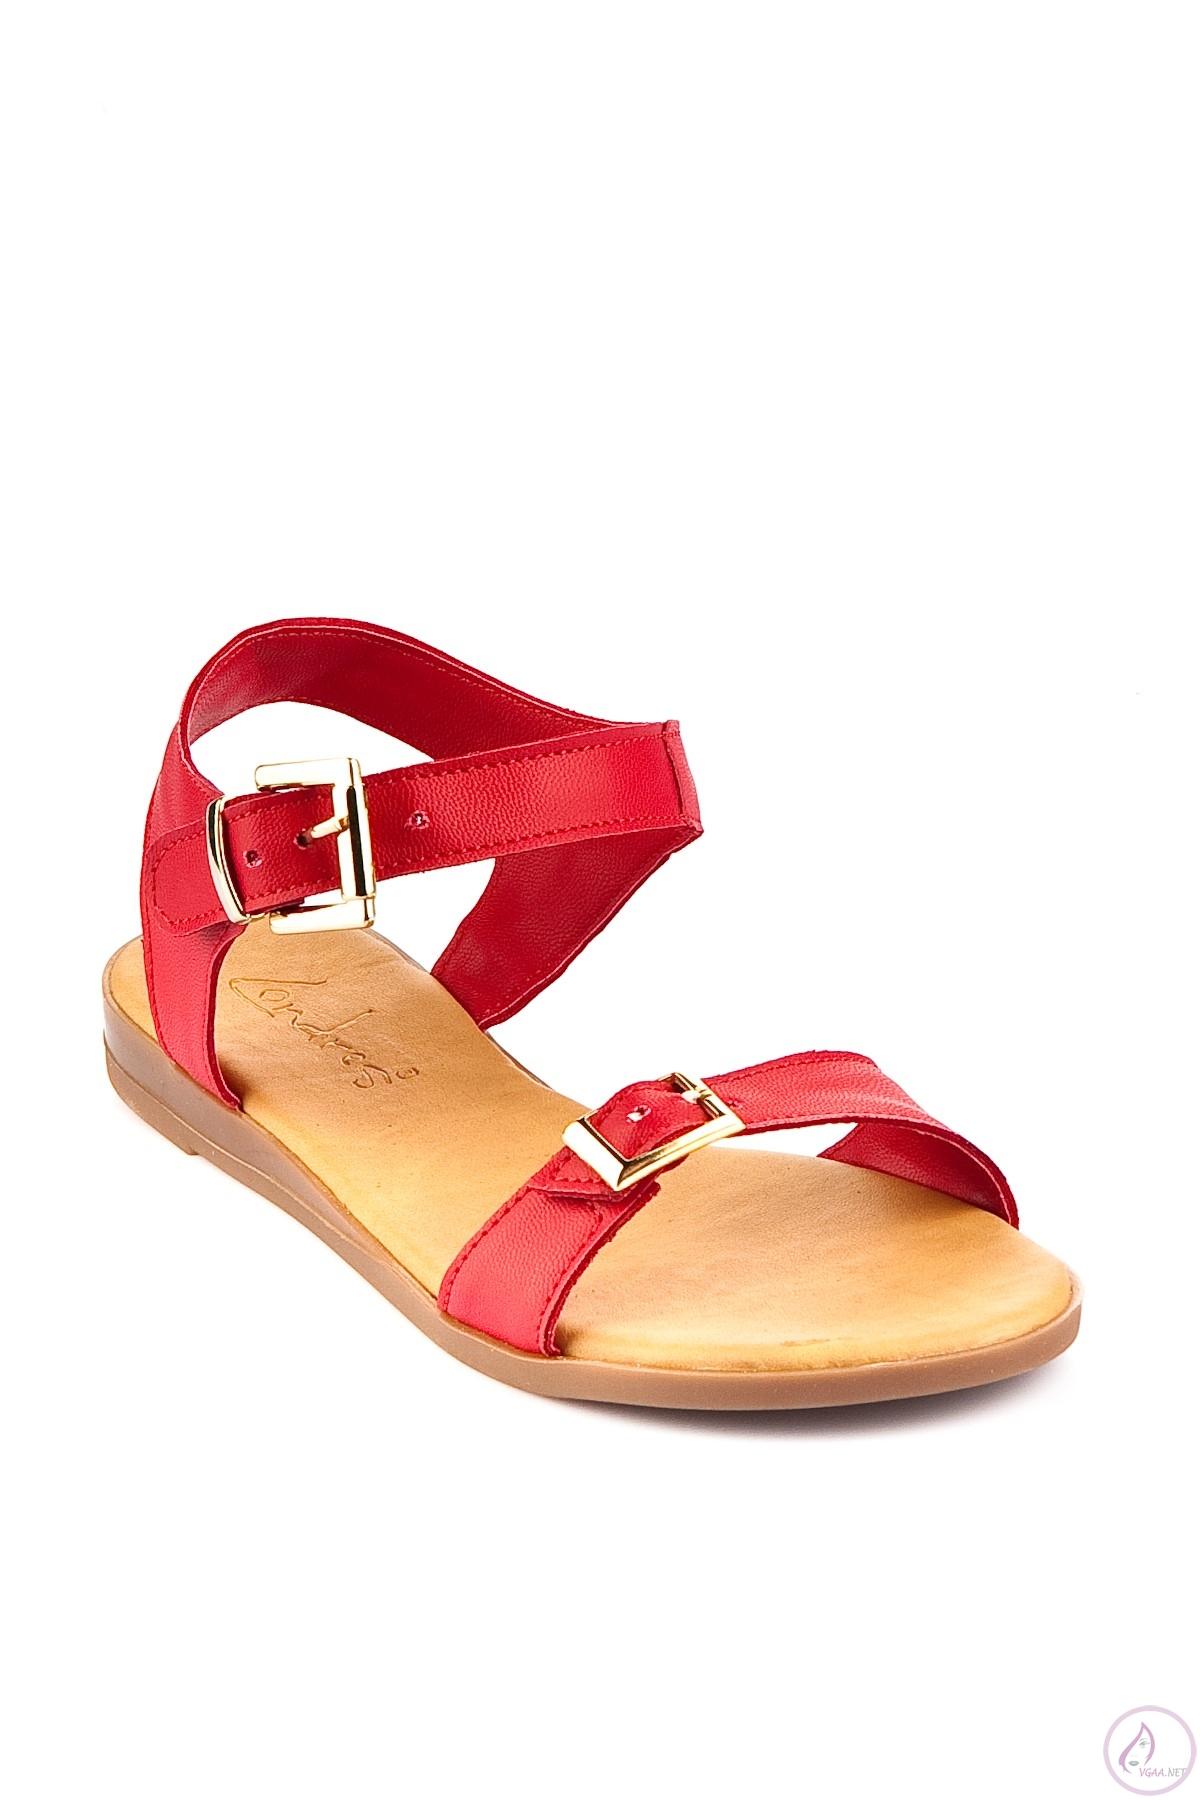 2014-sandalet-modeller-16